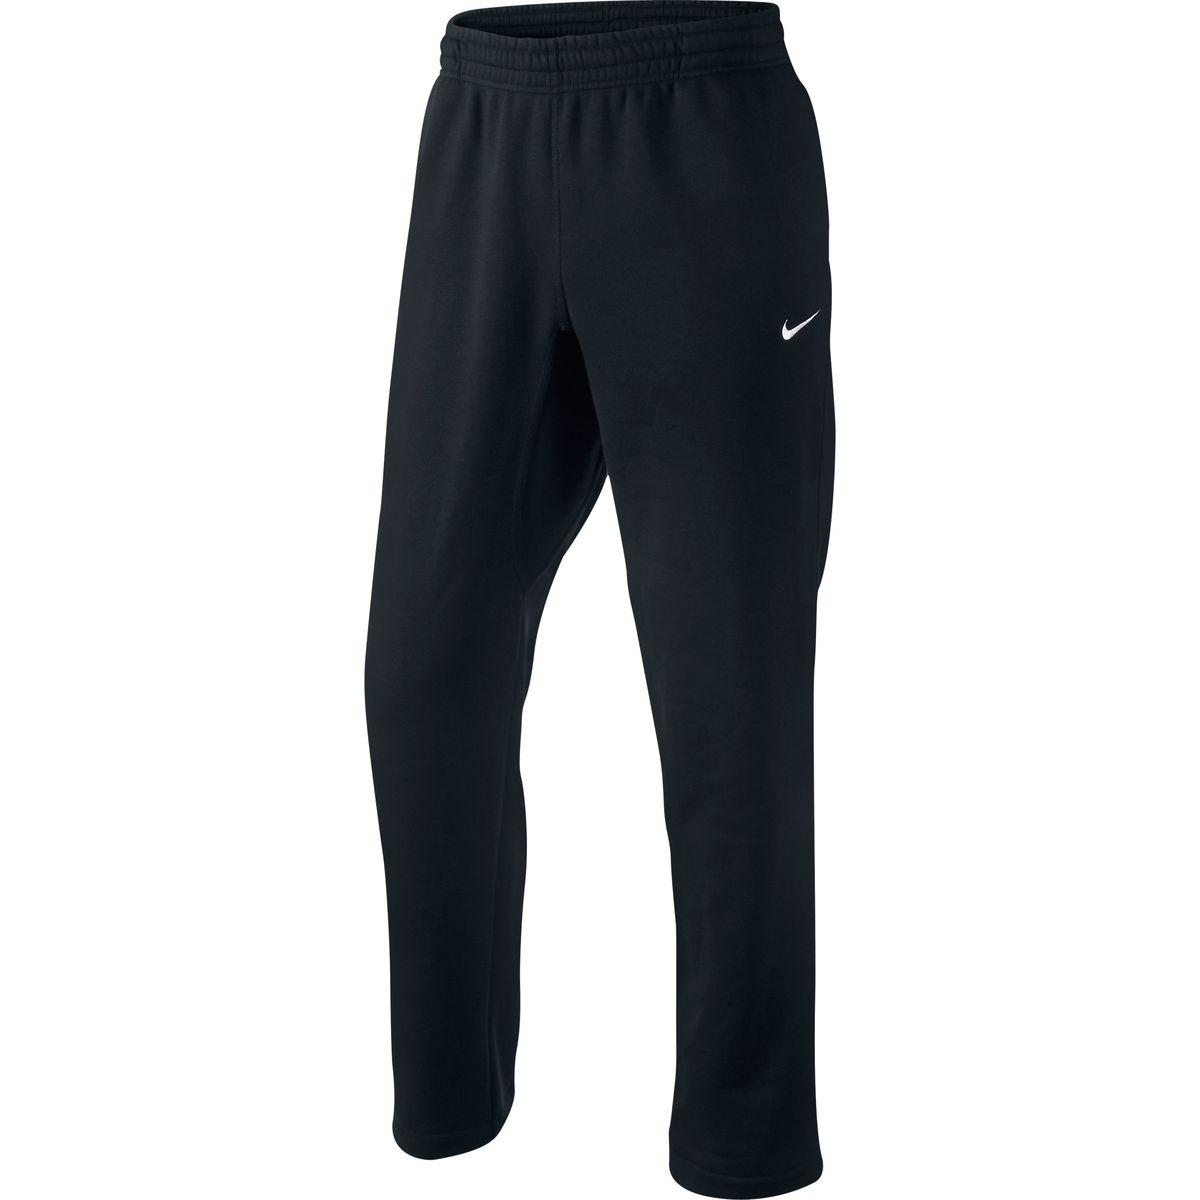 Брюки спортивные611458-010Классические черные брюки на резинке для плотной посадки. Изделие изготовлено из хлопка, износостойкого и приятного на ощупь материала. Сдержанный дизайн без лишних деталей делает данную модель еще более универсальной. Свободный крой делает их удобными и комфортными для повседневной носки. Подходят как для тренировок, так и для отдыха.